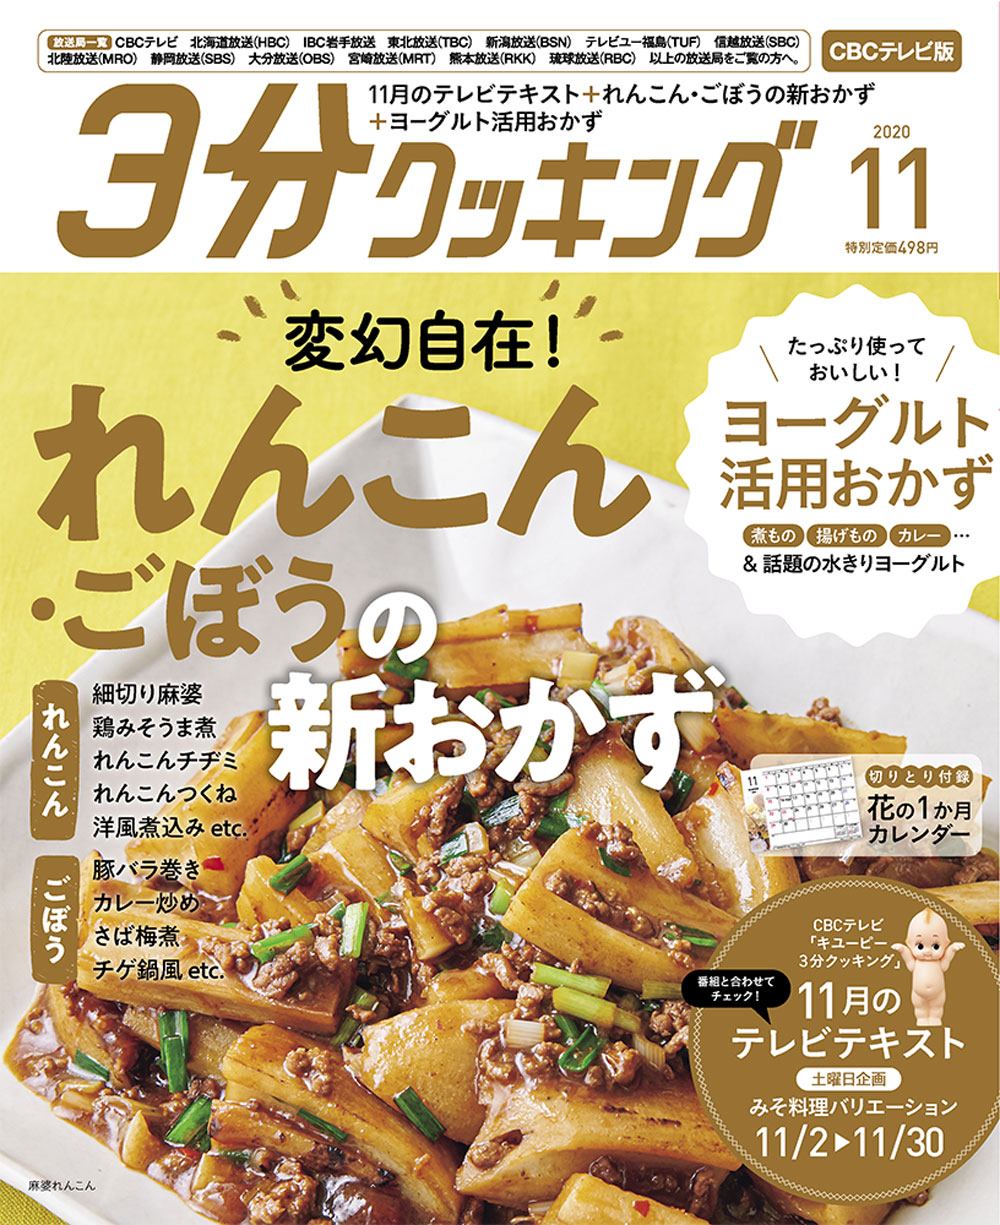 3分クッキング CBCテレビ版 2020年11月号 498円